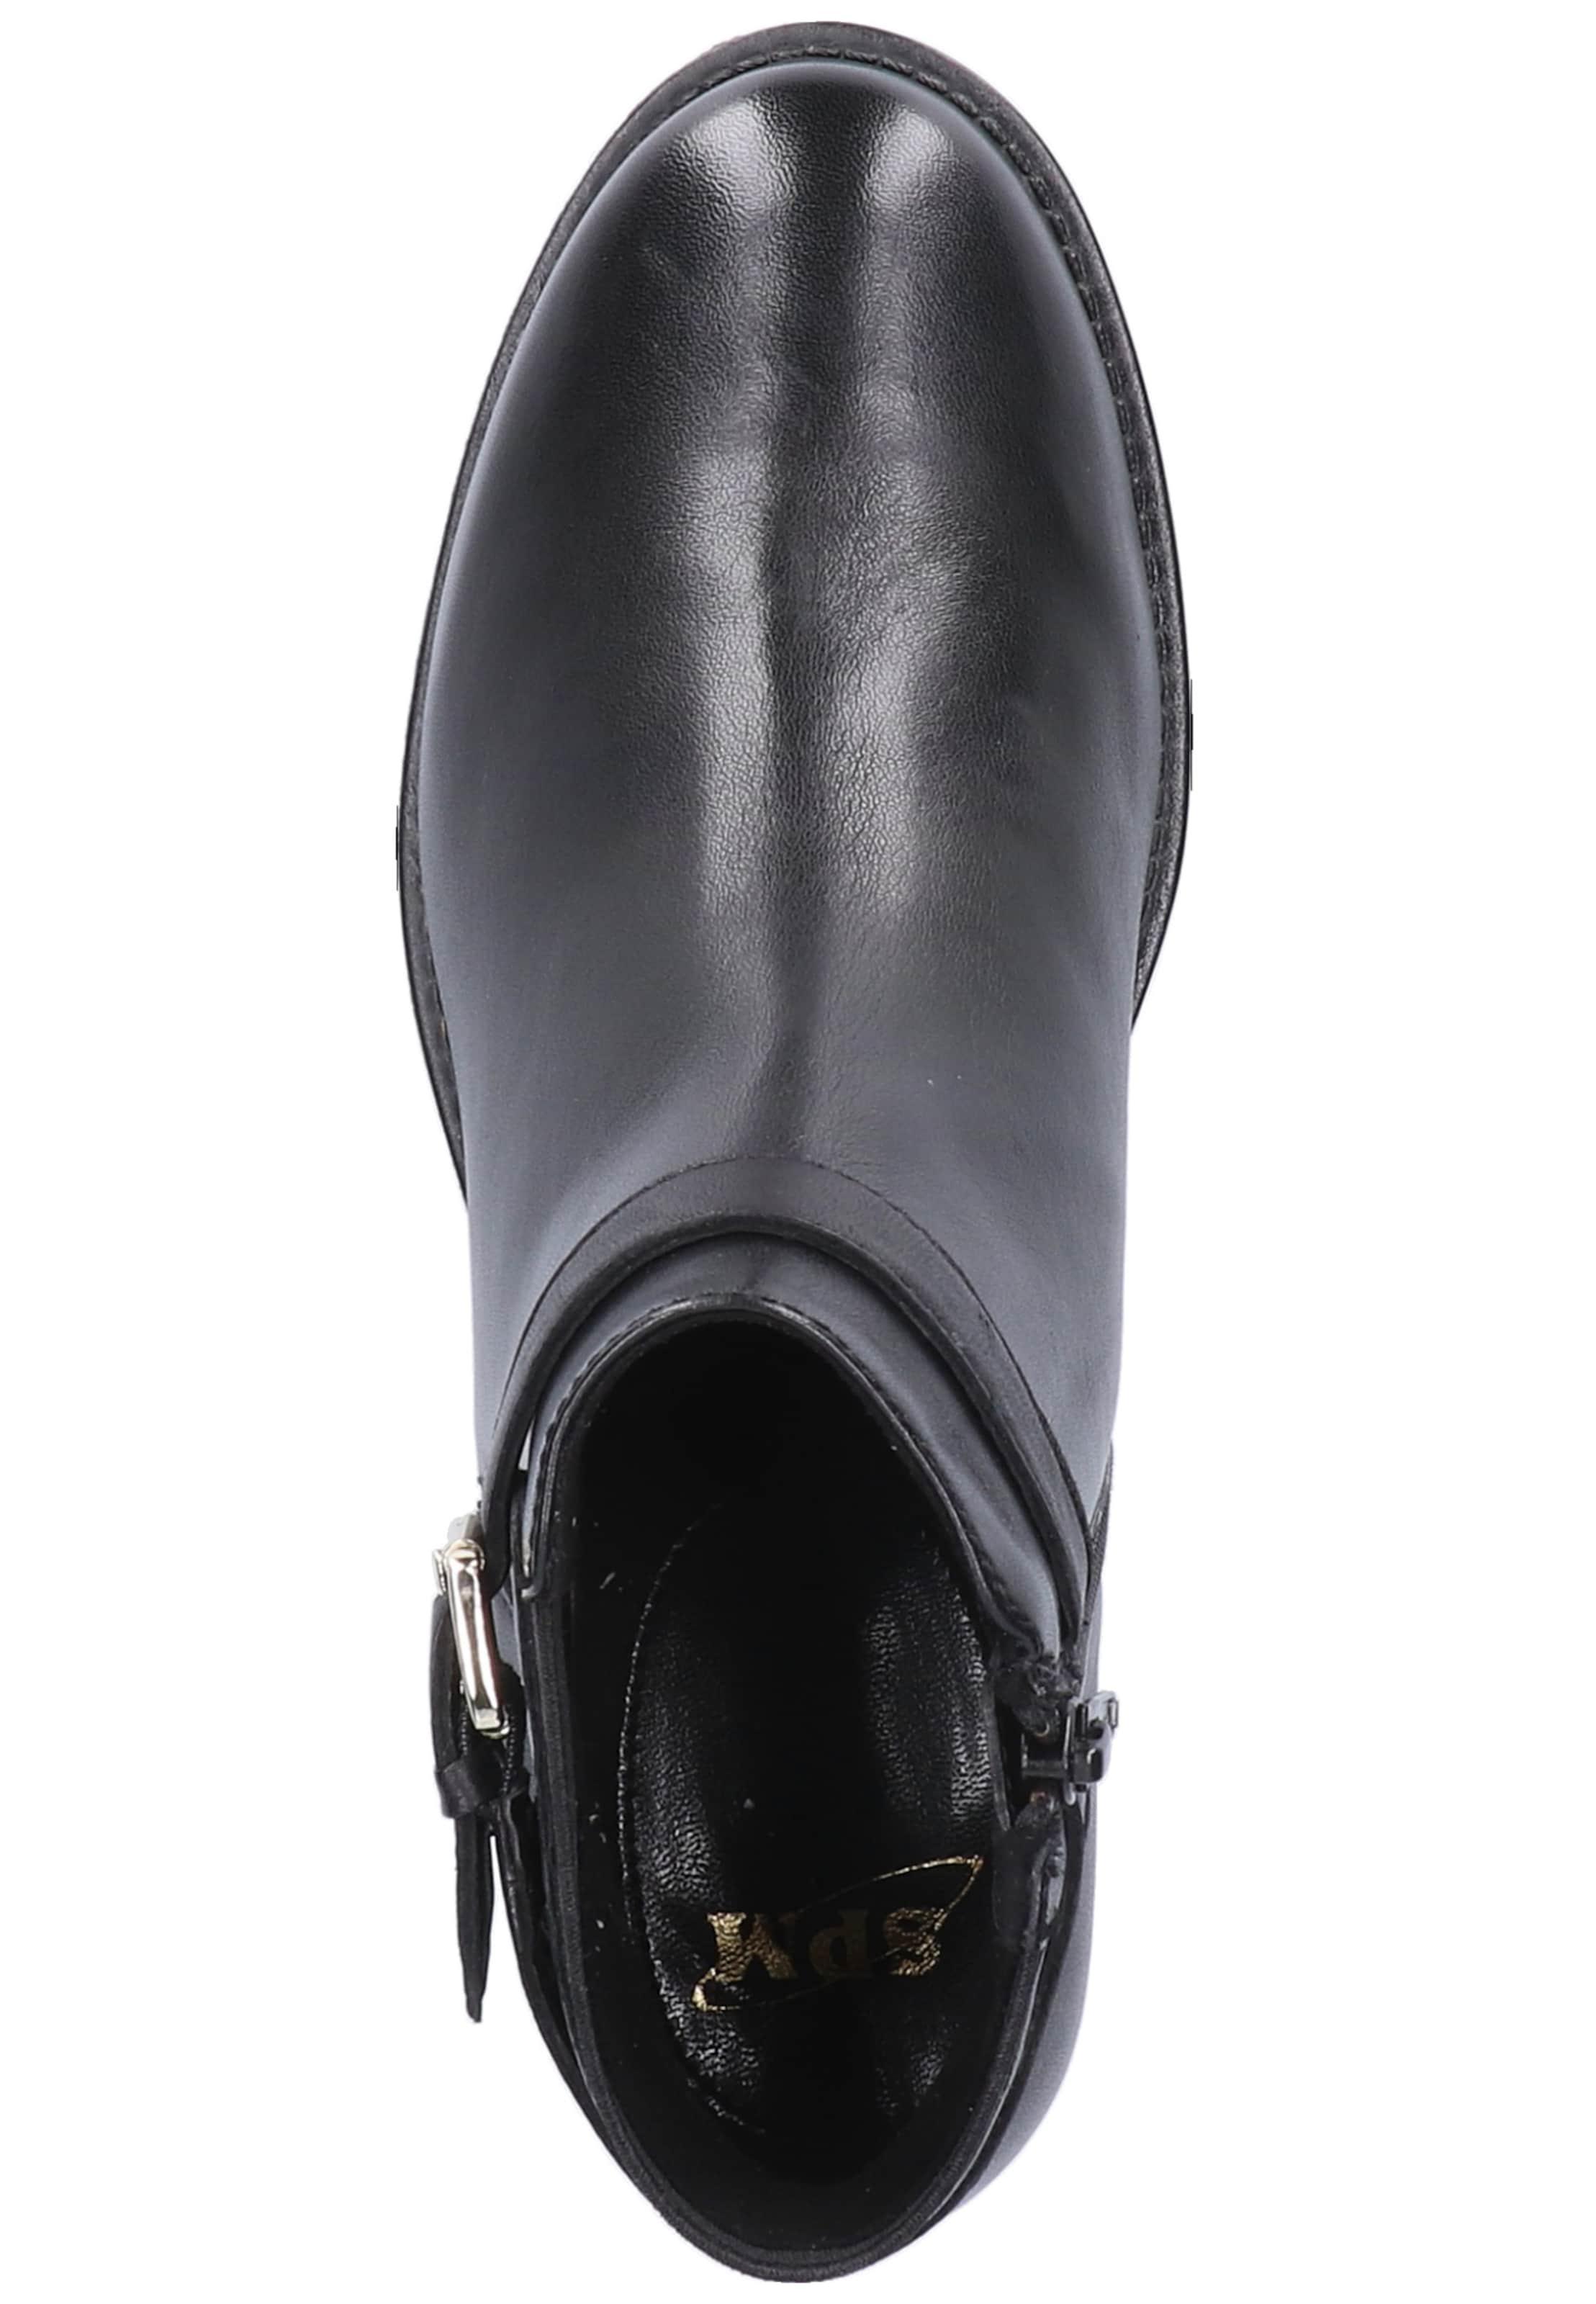 SPM Ankle Stiefel 'Ilastic Leder Verkaufen Verkaufen Verkaufen Sie saisonale Aktionen dbc4b5